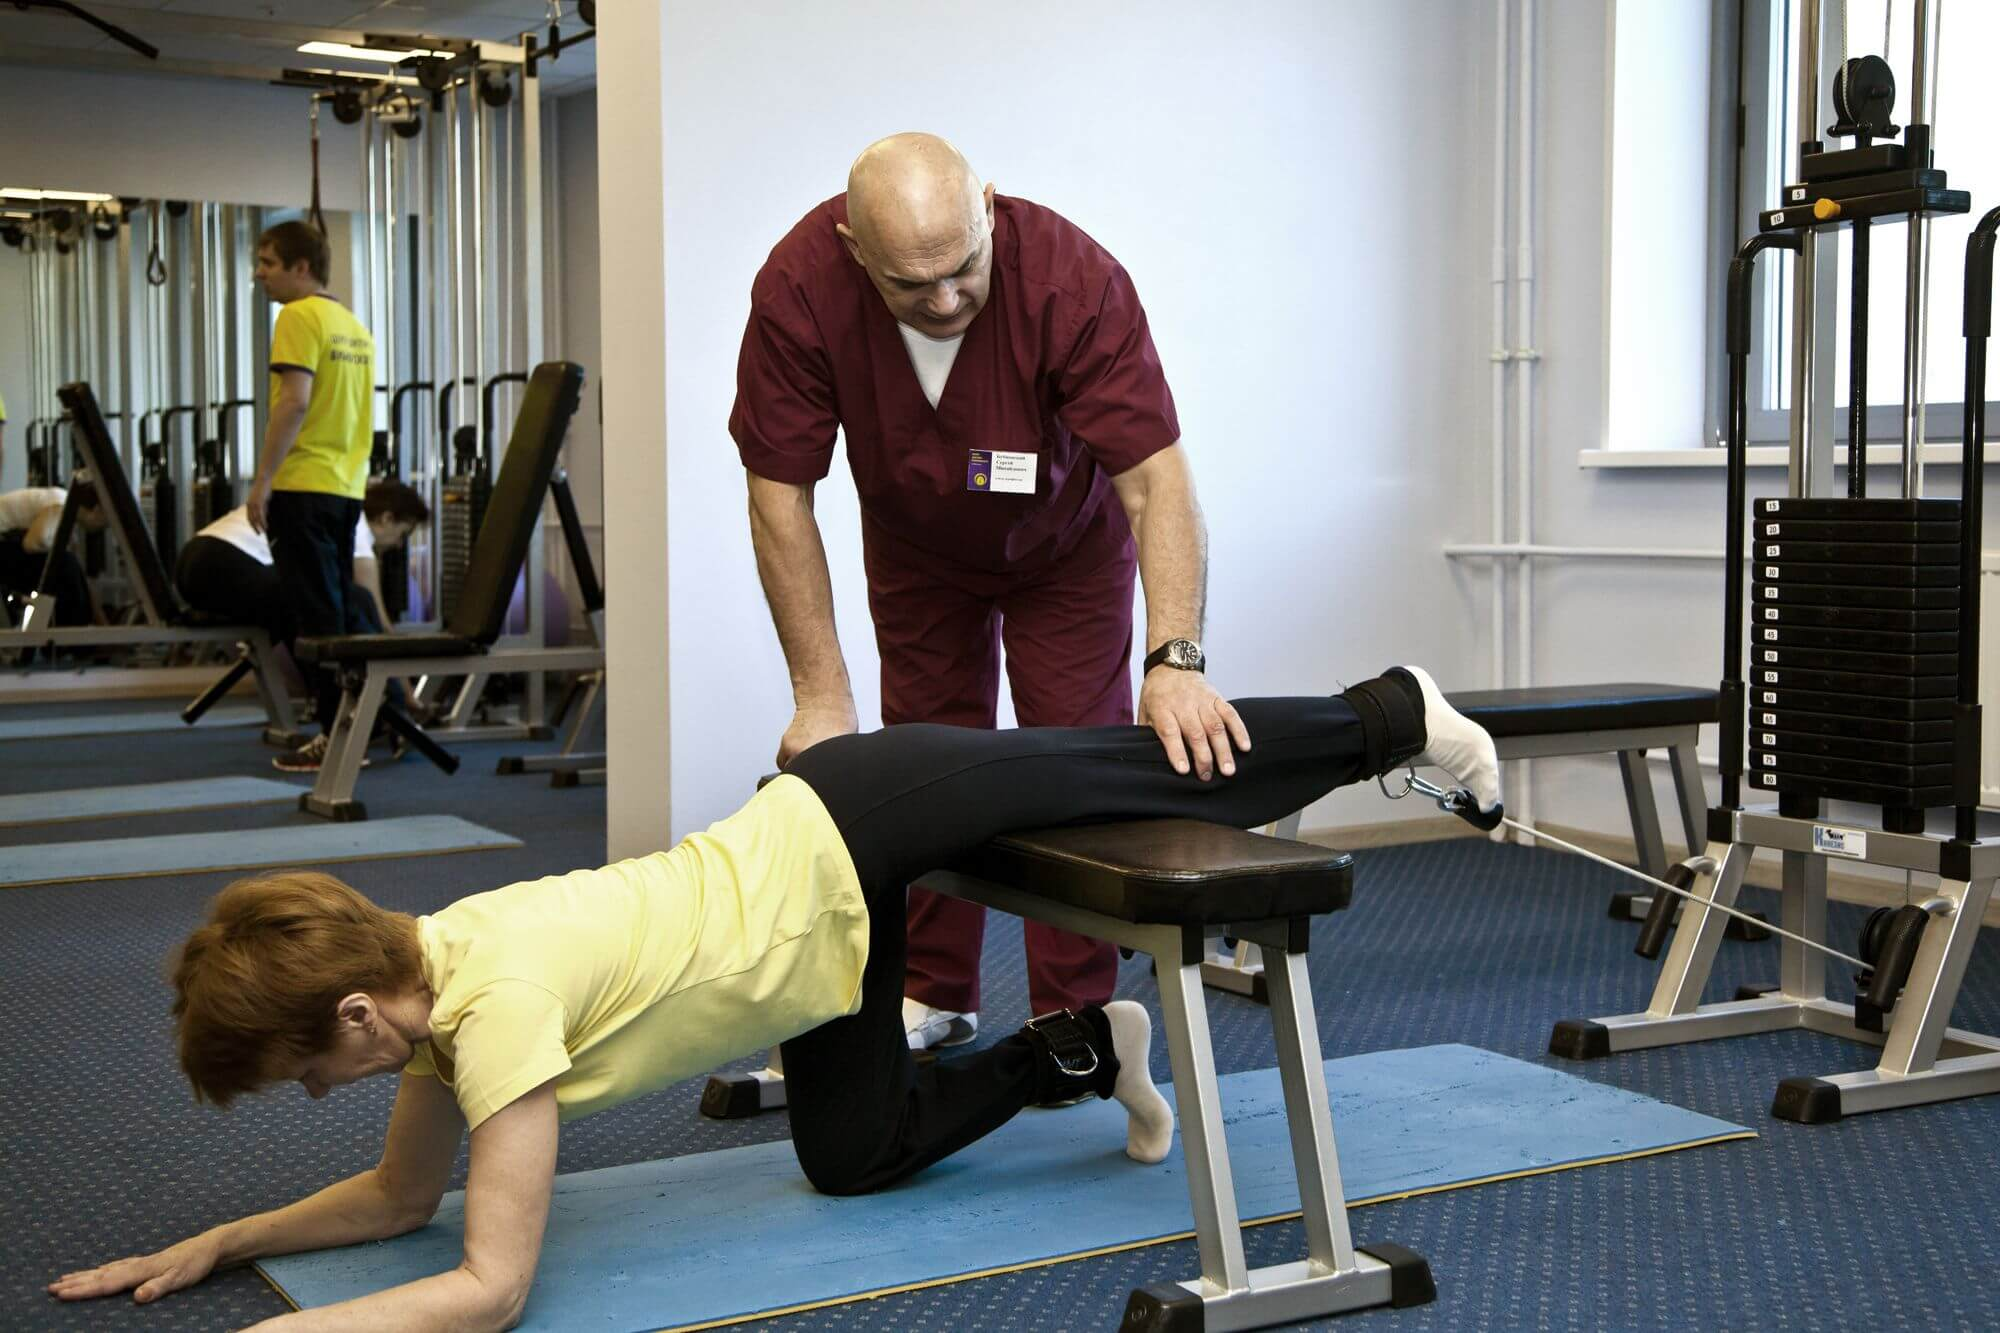 упражнения при остеопарозе коленных суставов